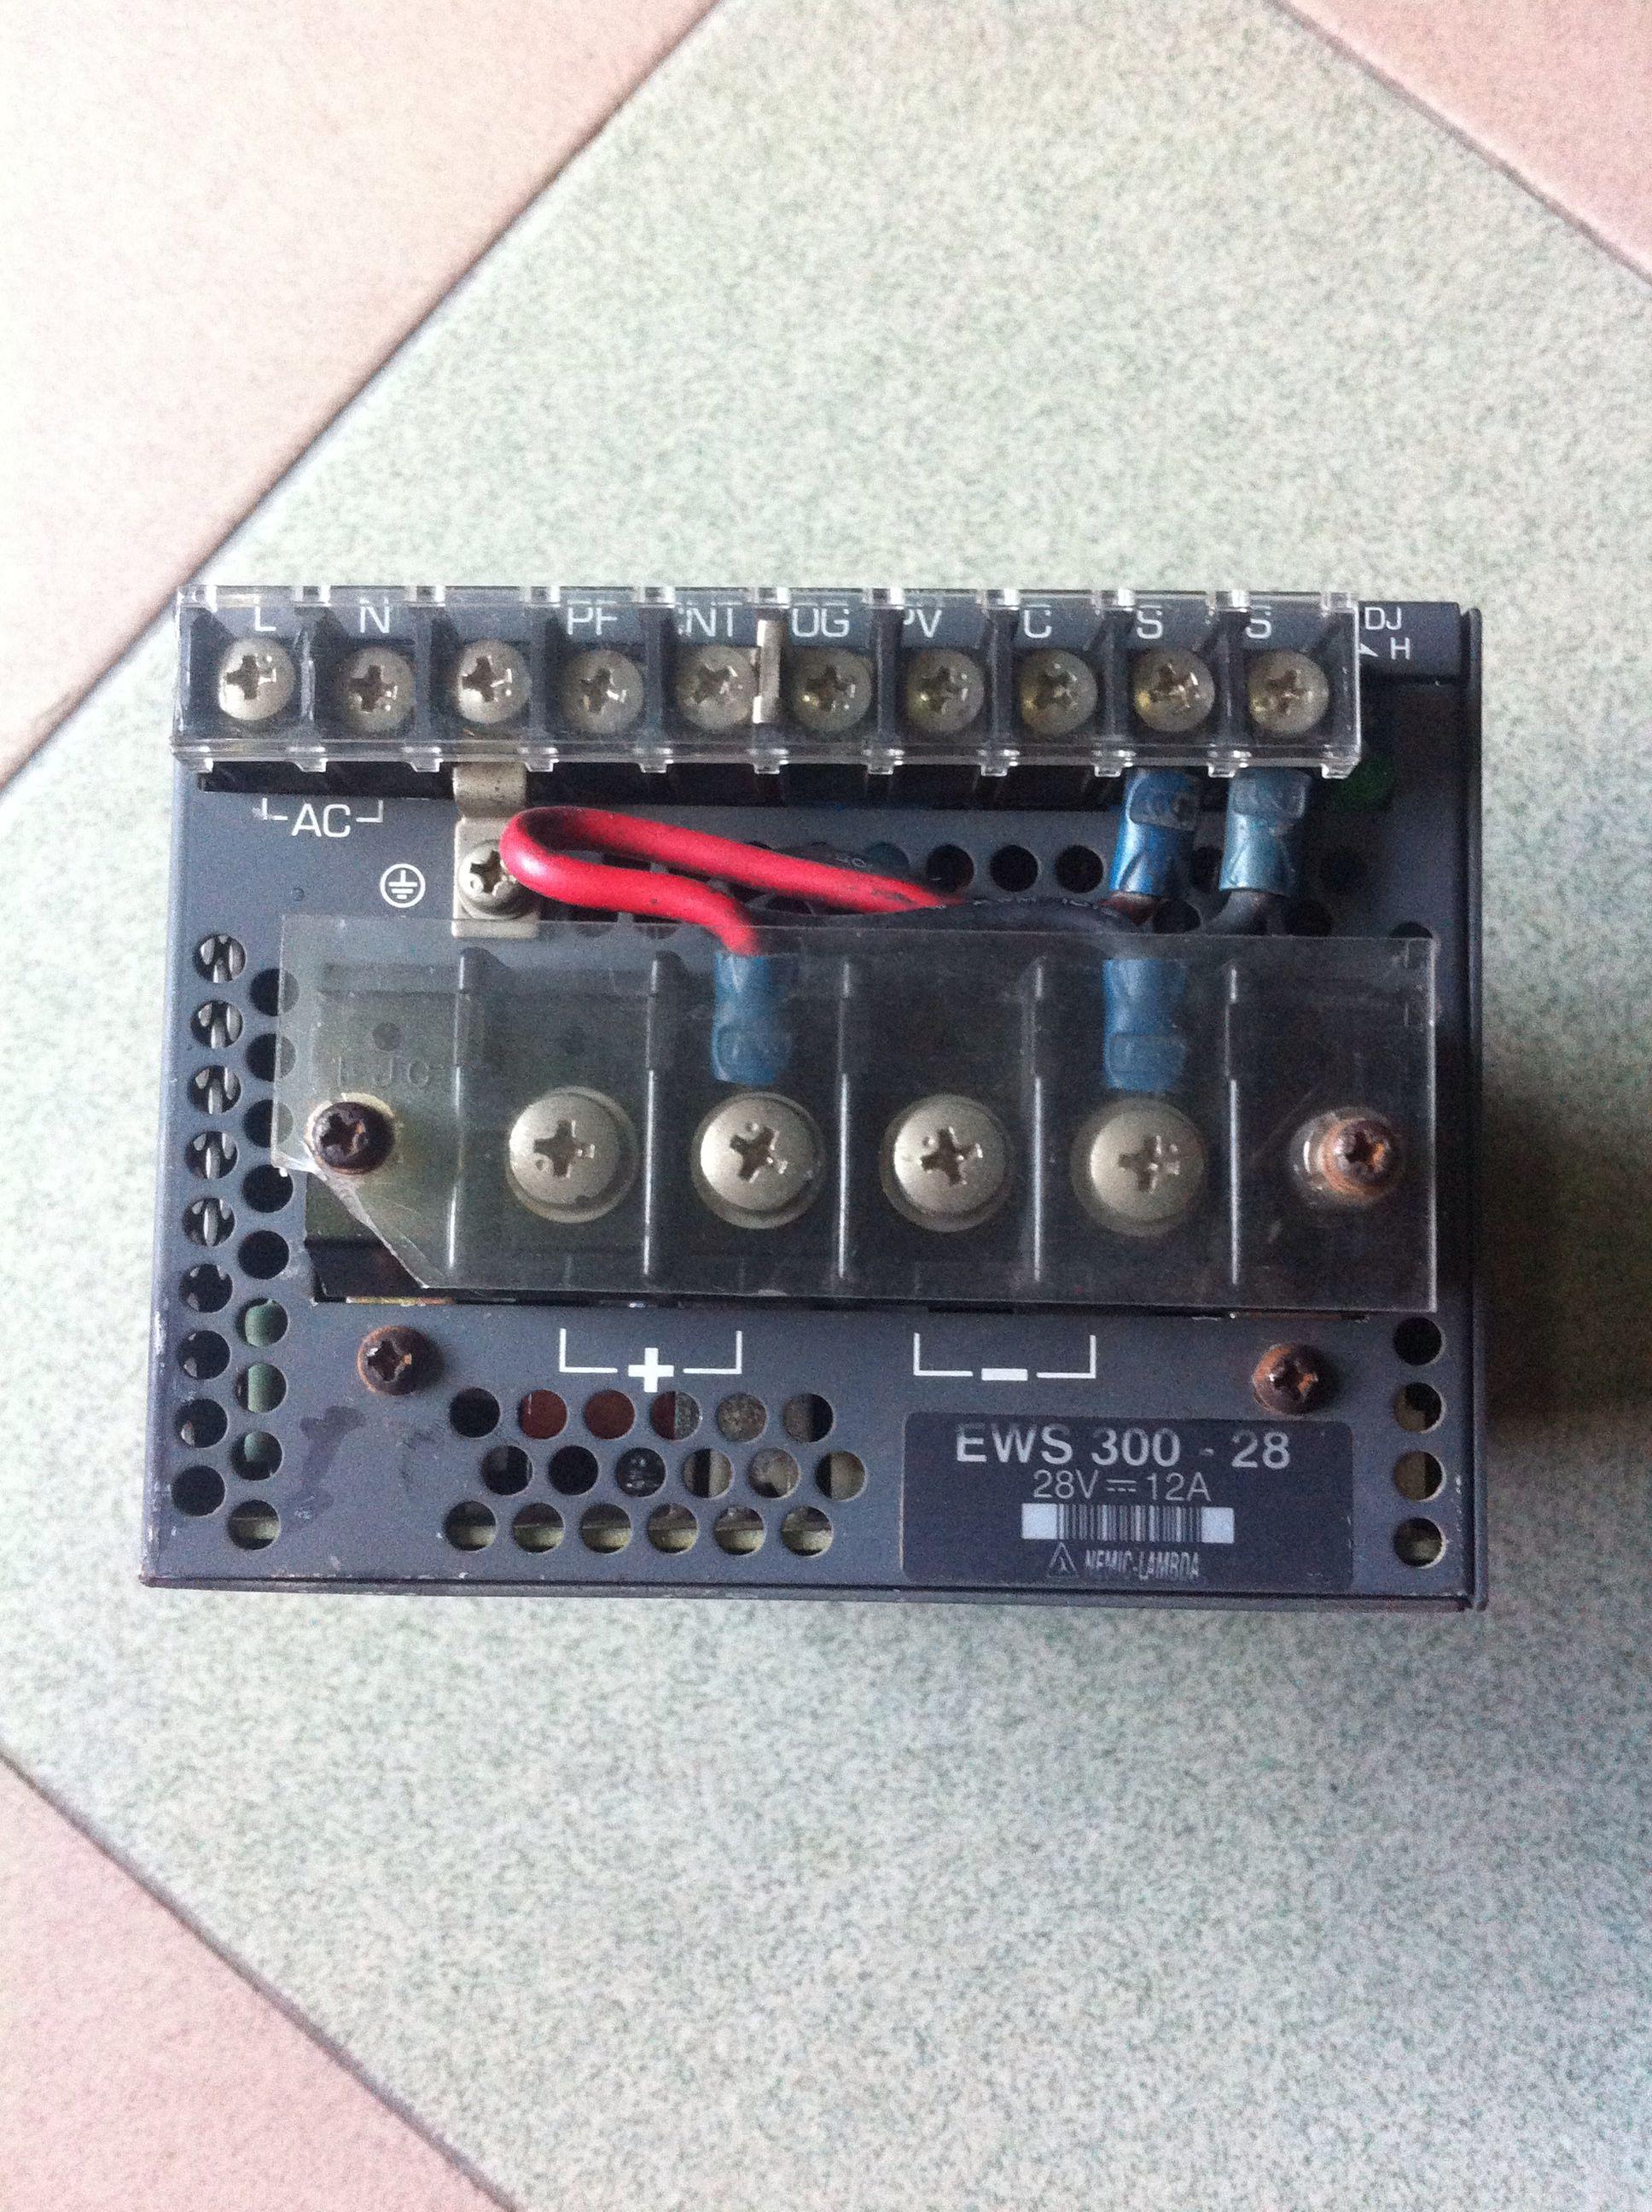 valmistajien on tuotu purkaa EWS300-28LAMBDA virtalähde, testi